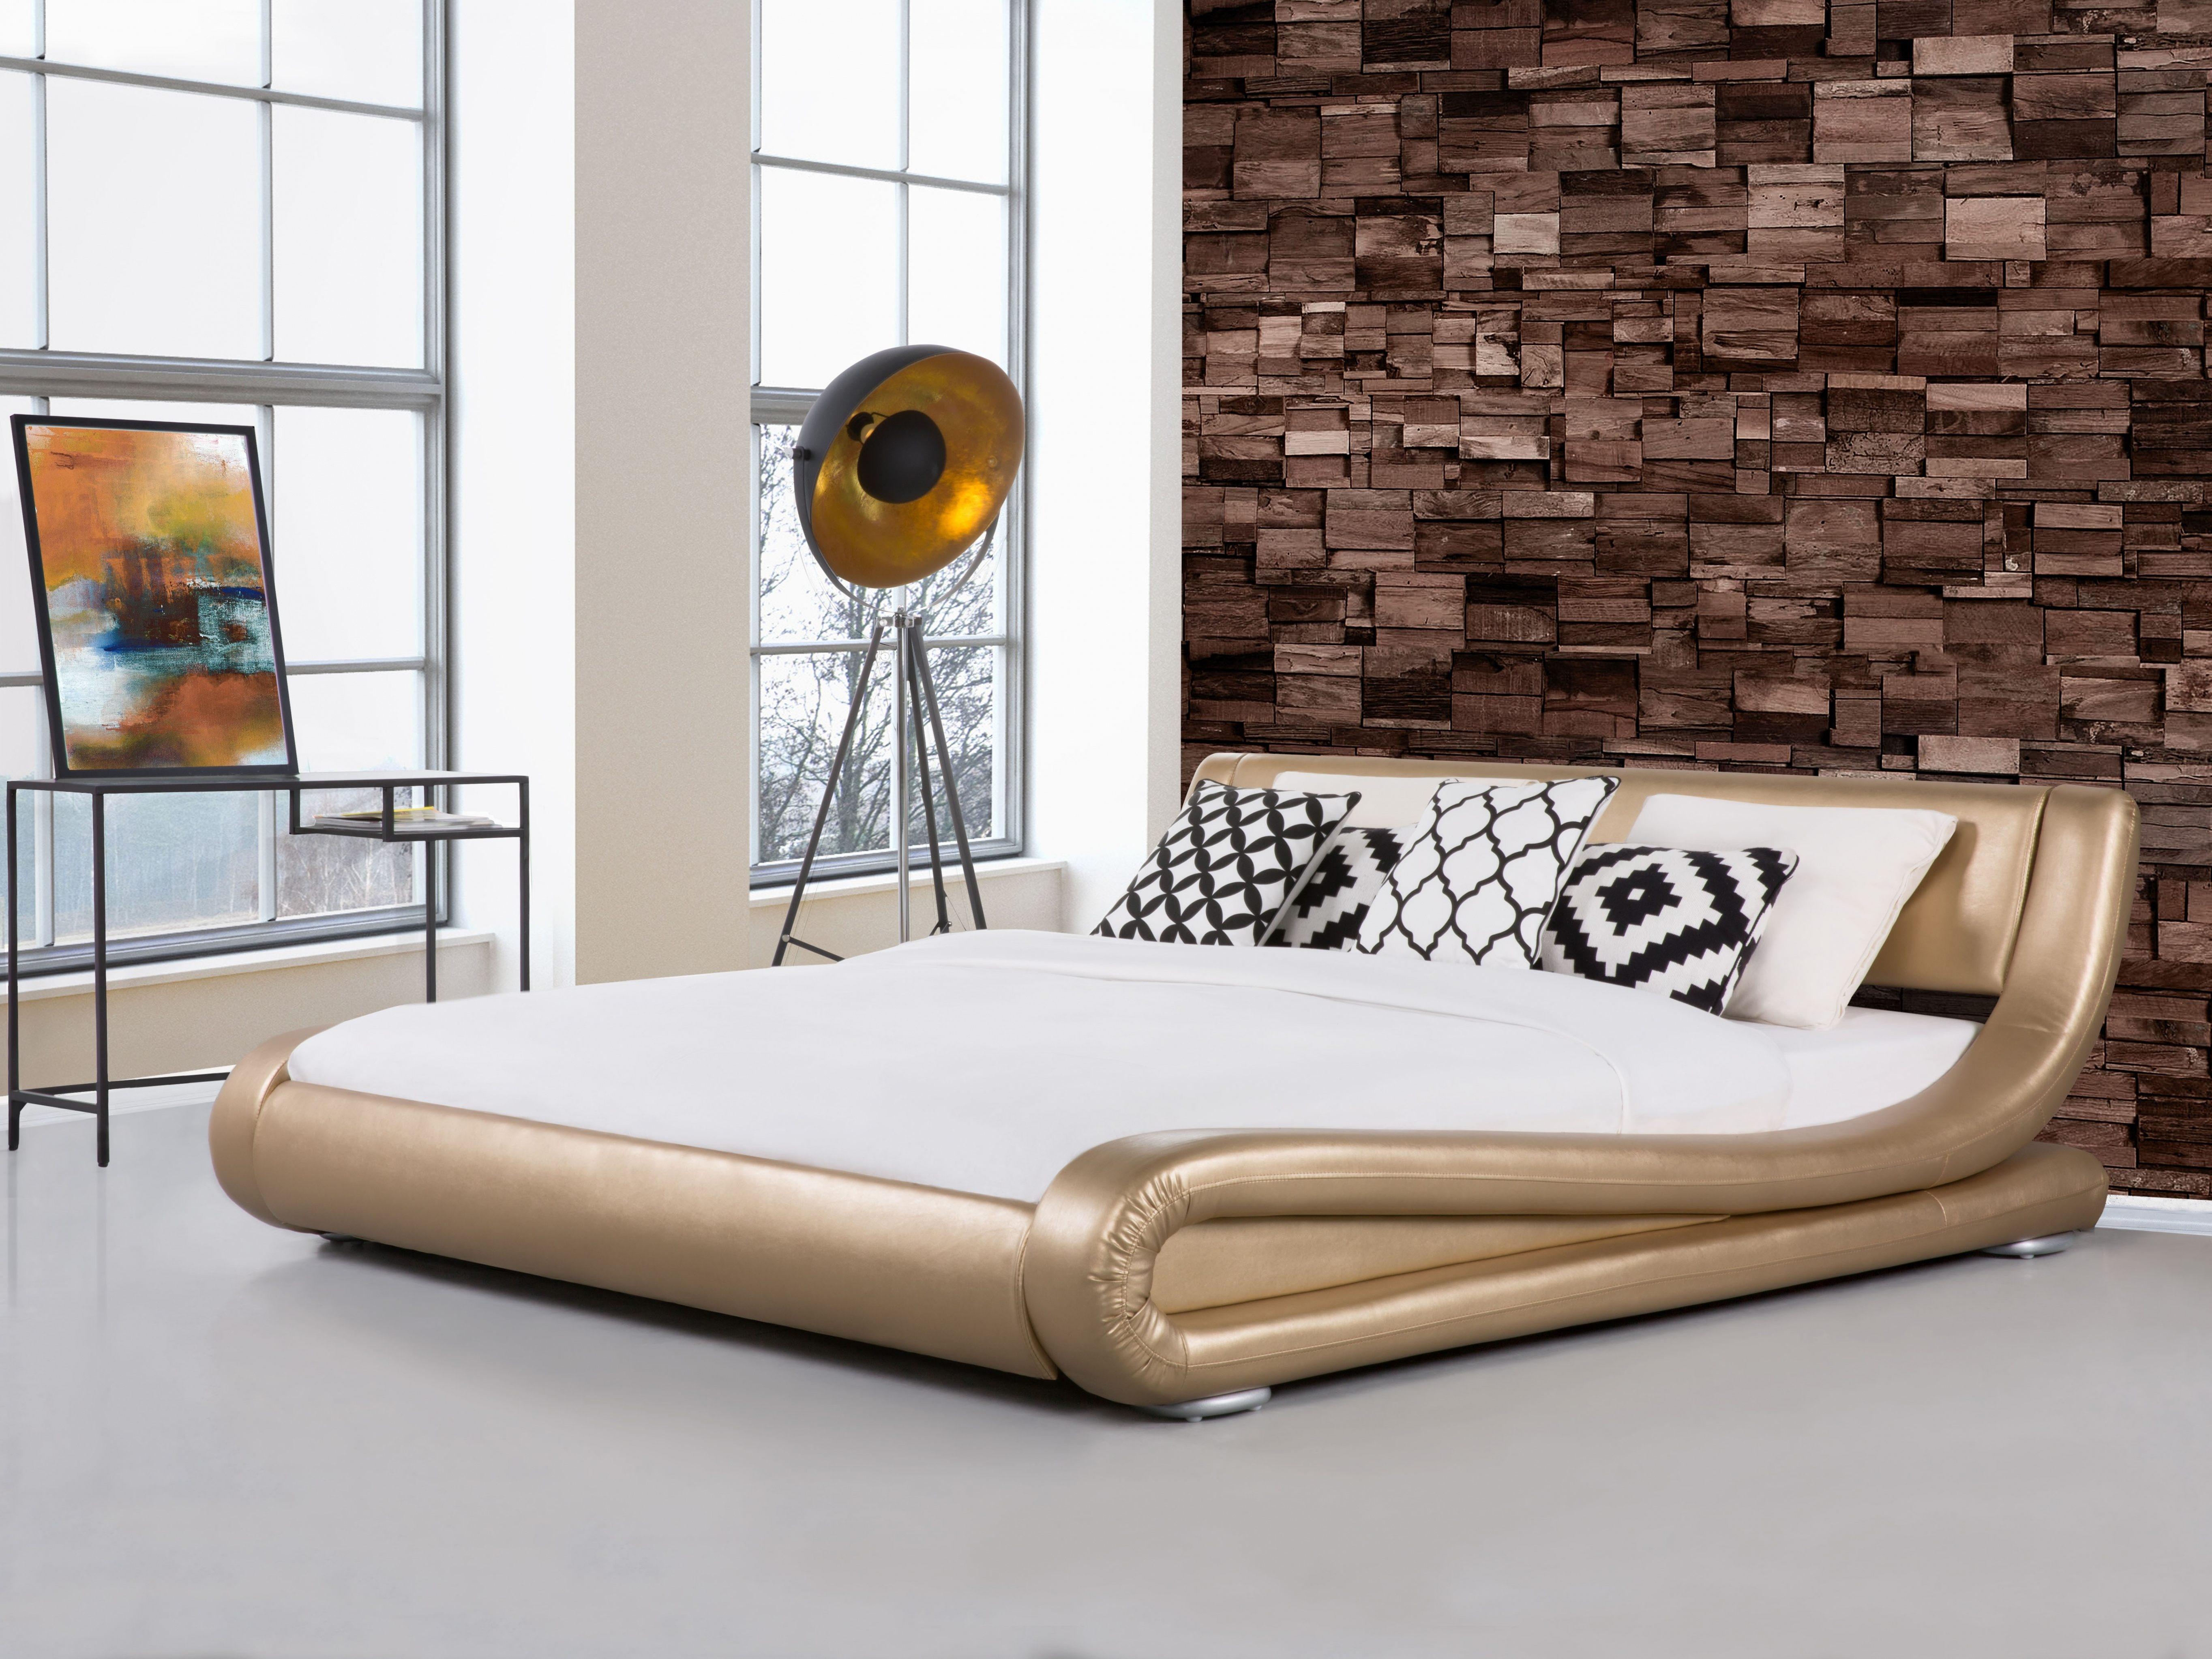 Groupon Tete De Lit Beau Lit Design 160×200 160×200 Finest Lit X Led Lit Led Design Groupon